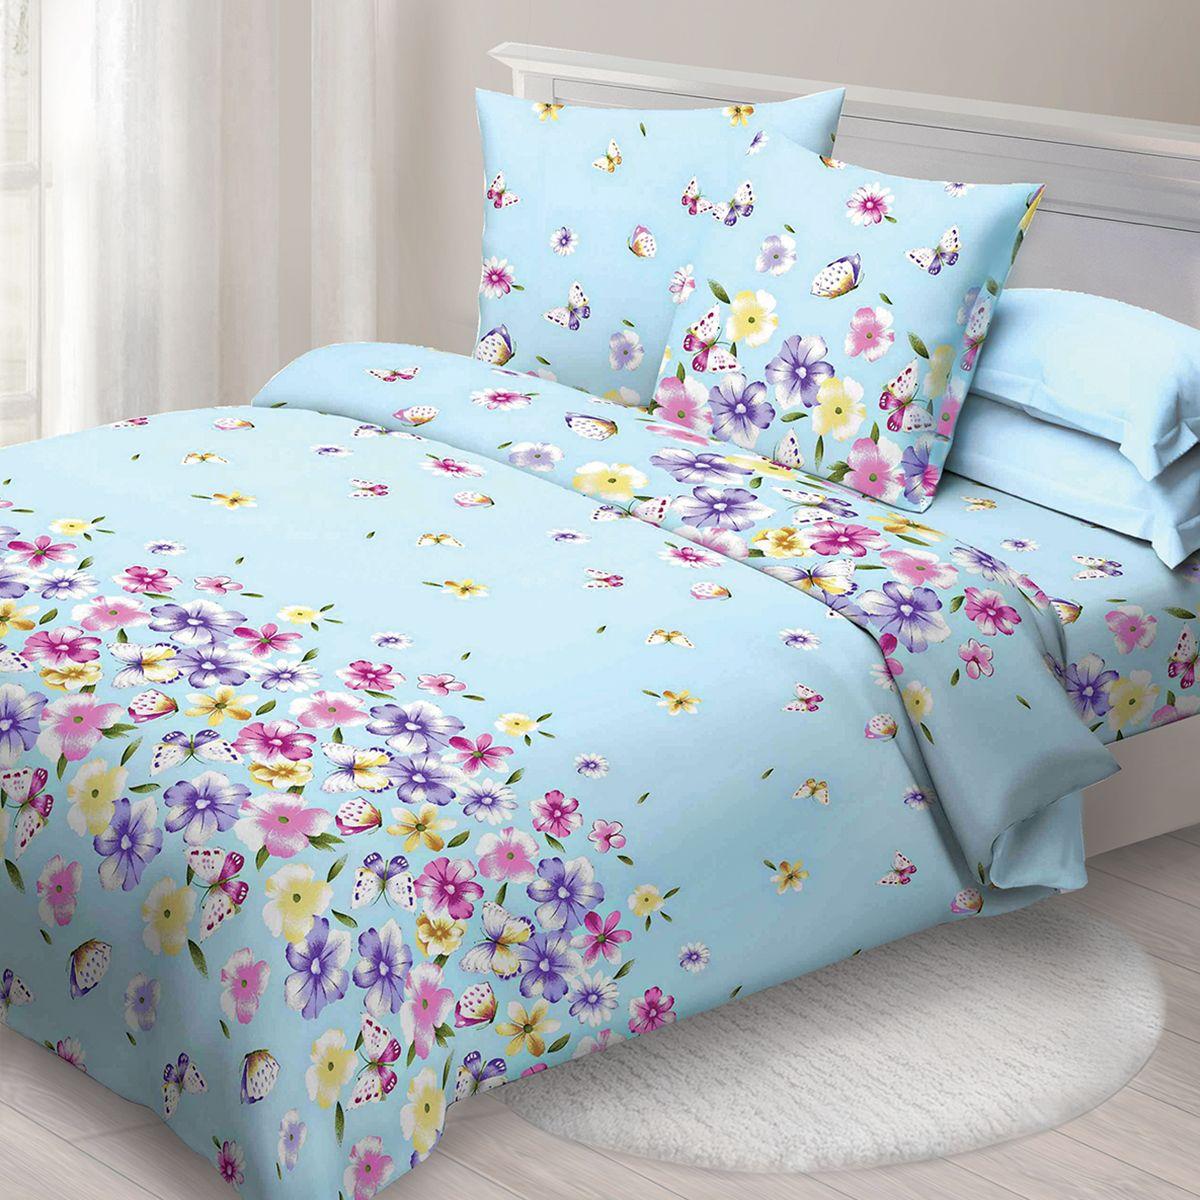 Комплект белья Спал Спалыч Летний день, семейный, наволочки 70x70, цвет: голубой. 1271-182486